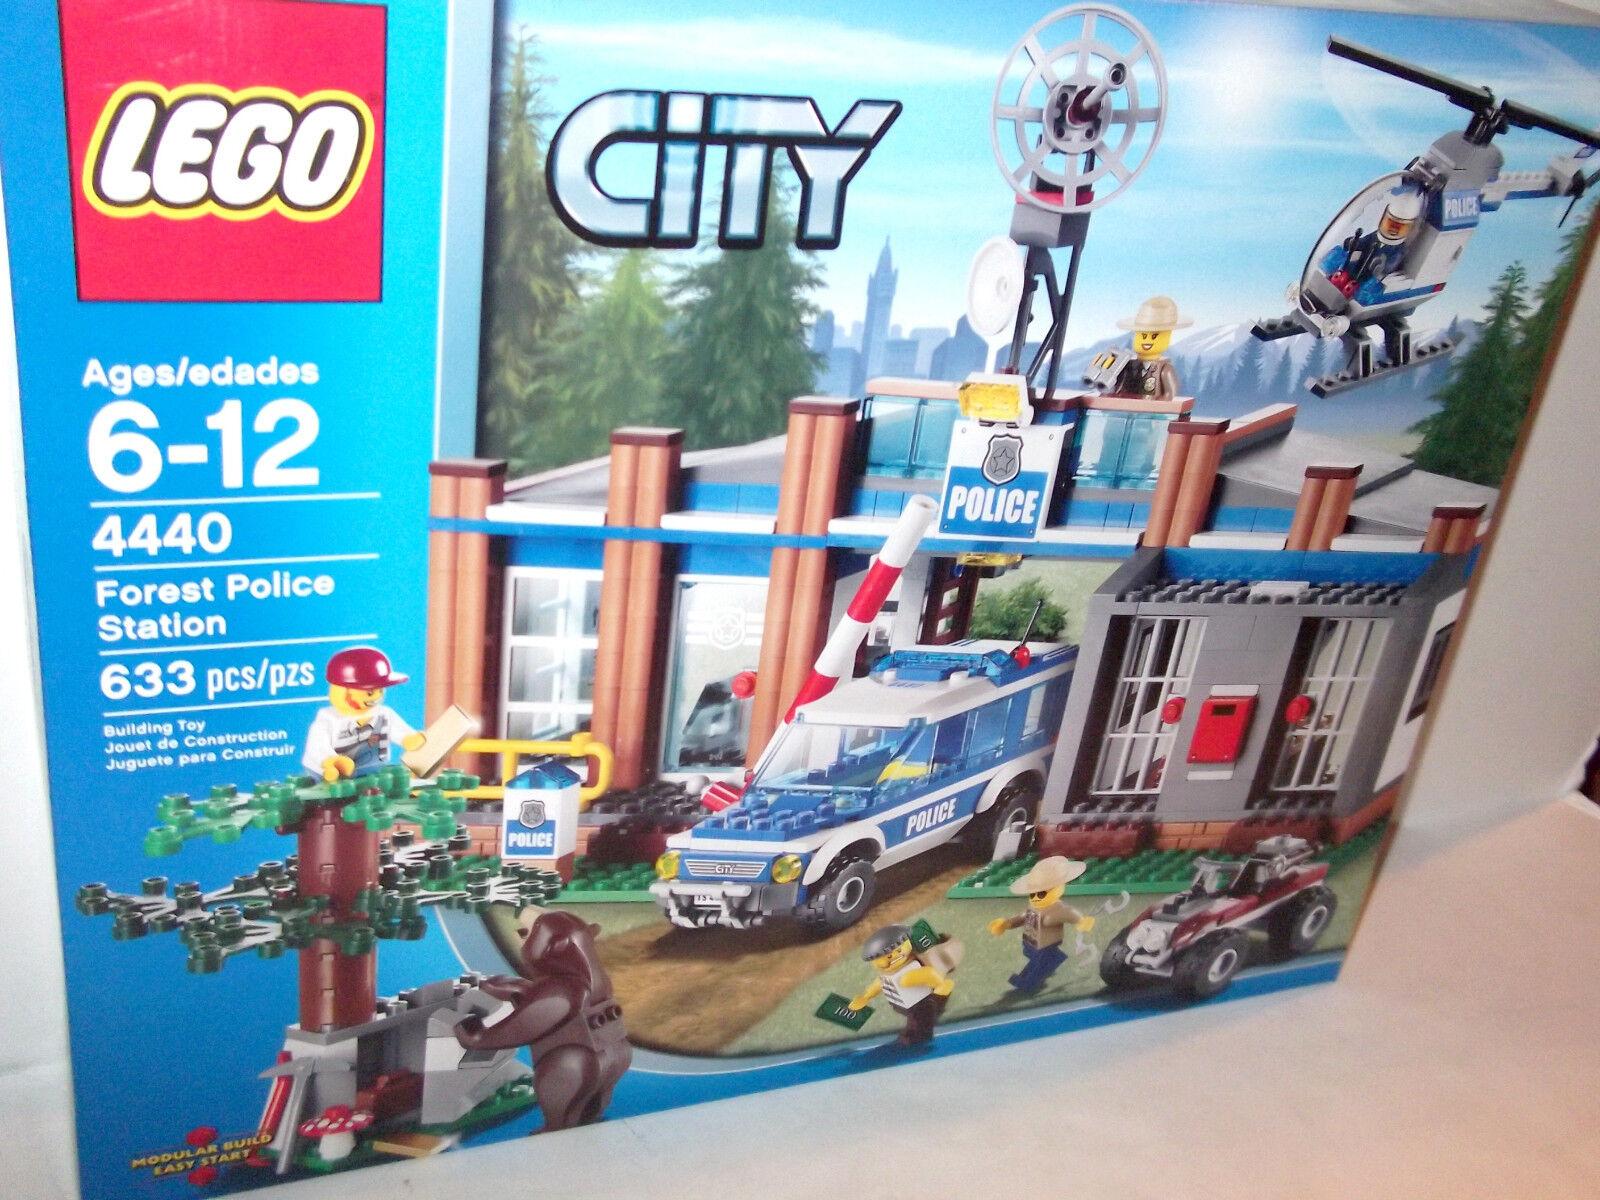 ✰ nuevo ✰ retirado Estación De Policía Forestal Lego ✰ ✰ helicóptero sellado de fábrica